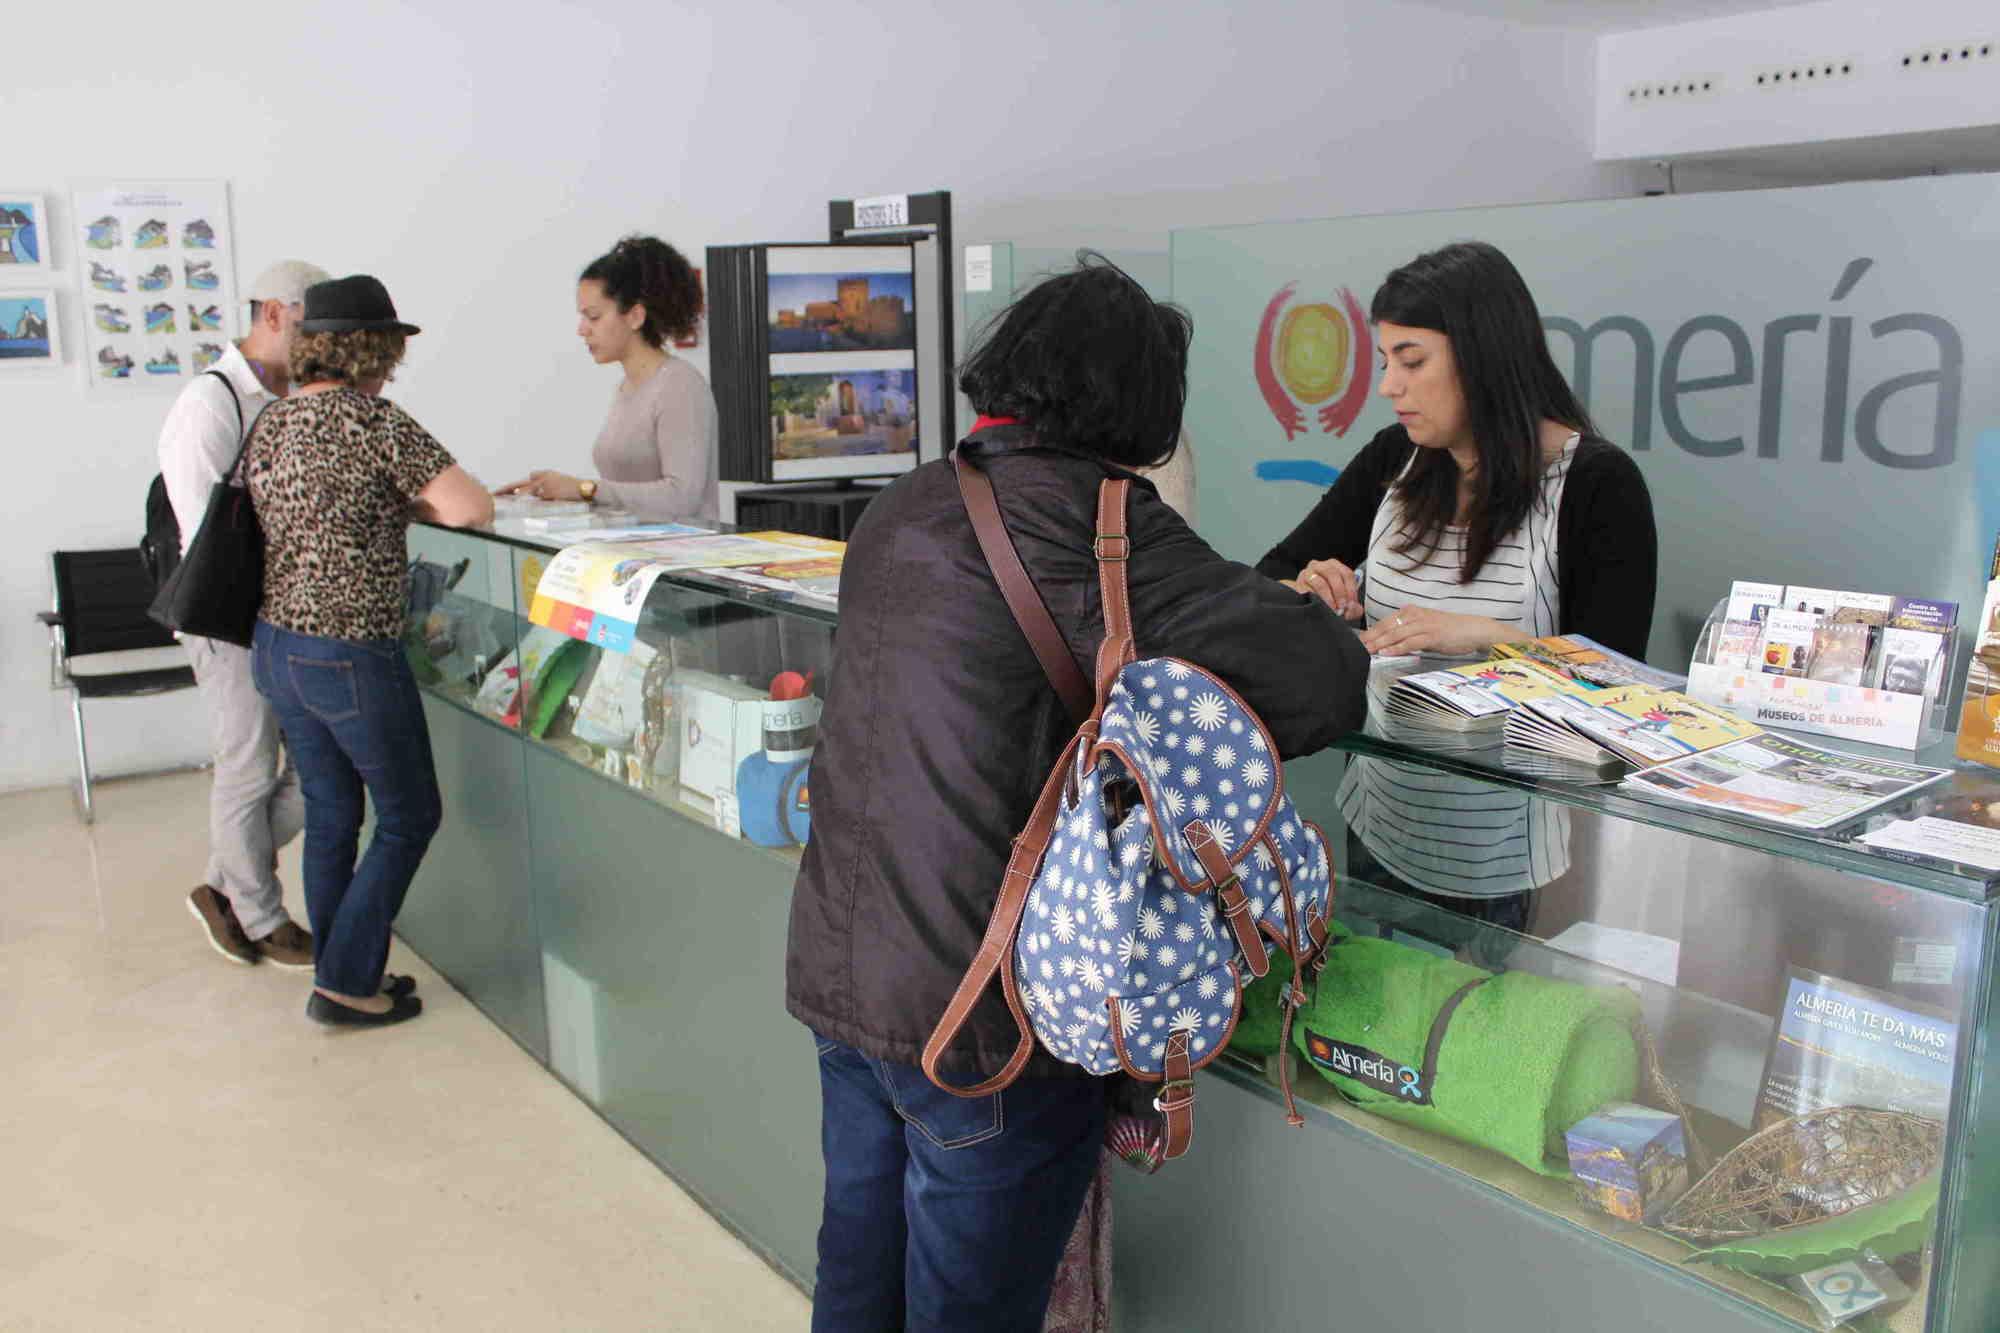 Las visitas a la oficina municipal de turismo aumentan un 13 en la semana santa 2017 noticias for Oficina turismo valencia